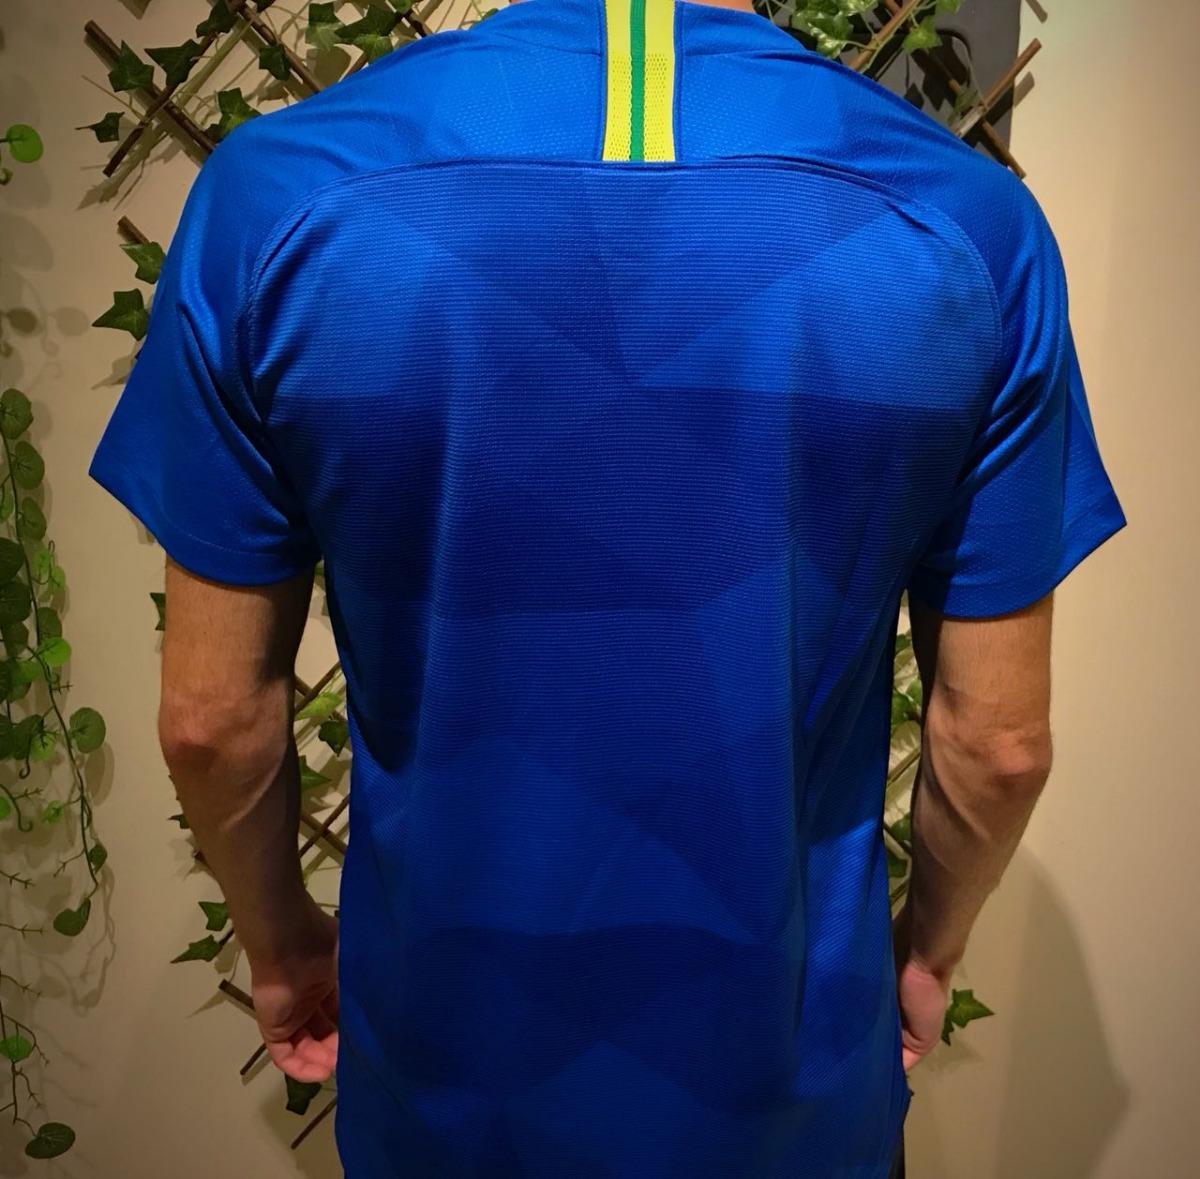 fb49fa93ac novo segundo uniforme seleção brasileira brasil mundial azul. Carregando  zoom.